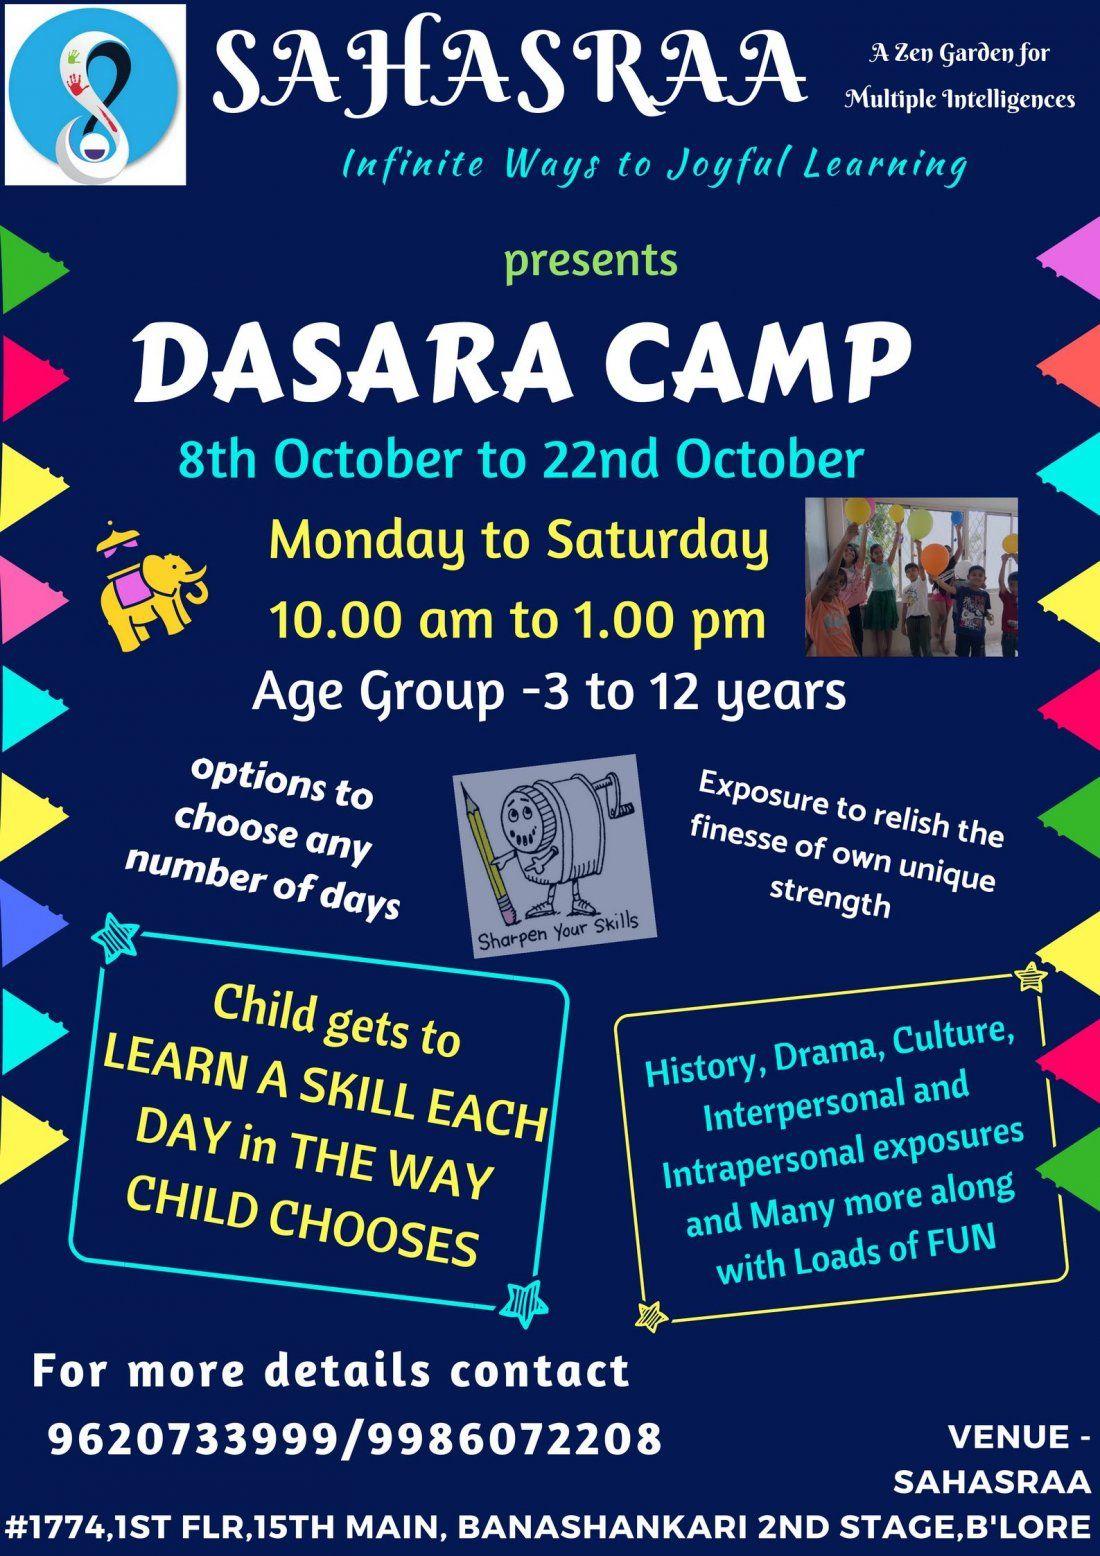 Dussehra Camp